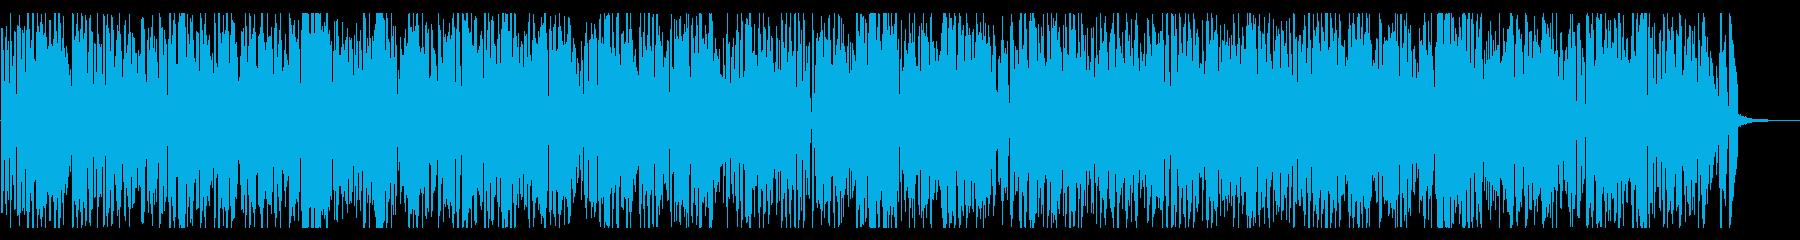 まぬけで能天気 コミカル 日常 ギャグ の再生済みの波形